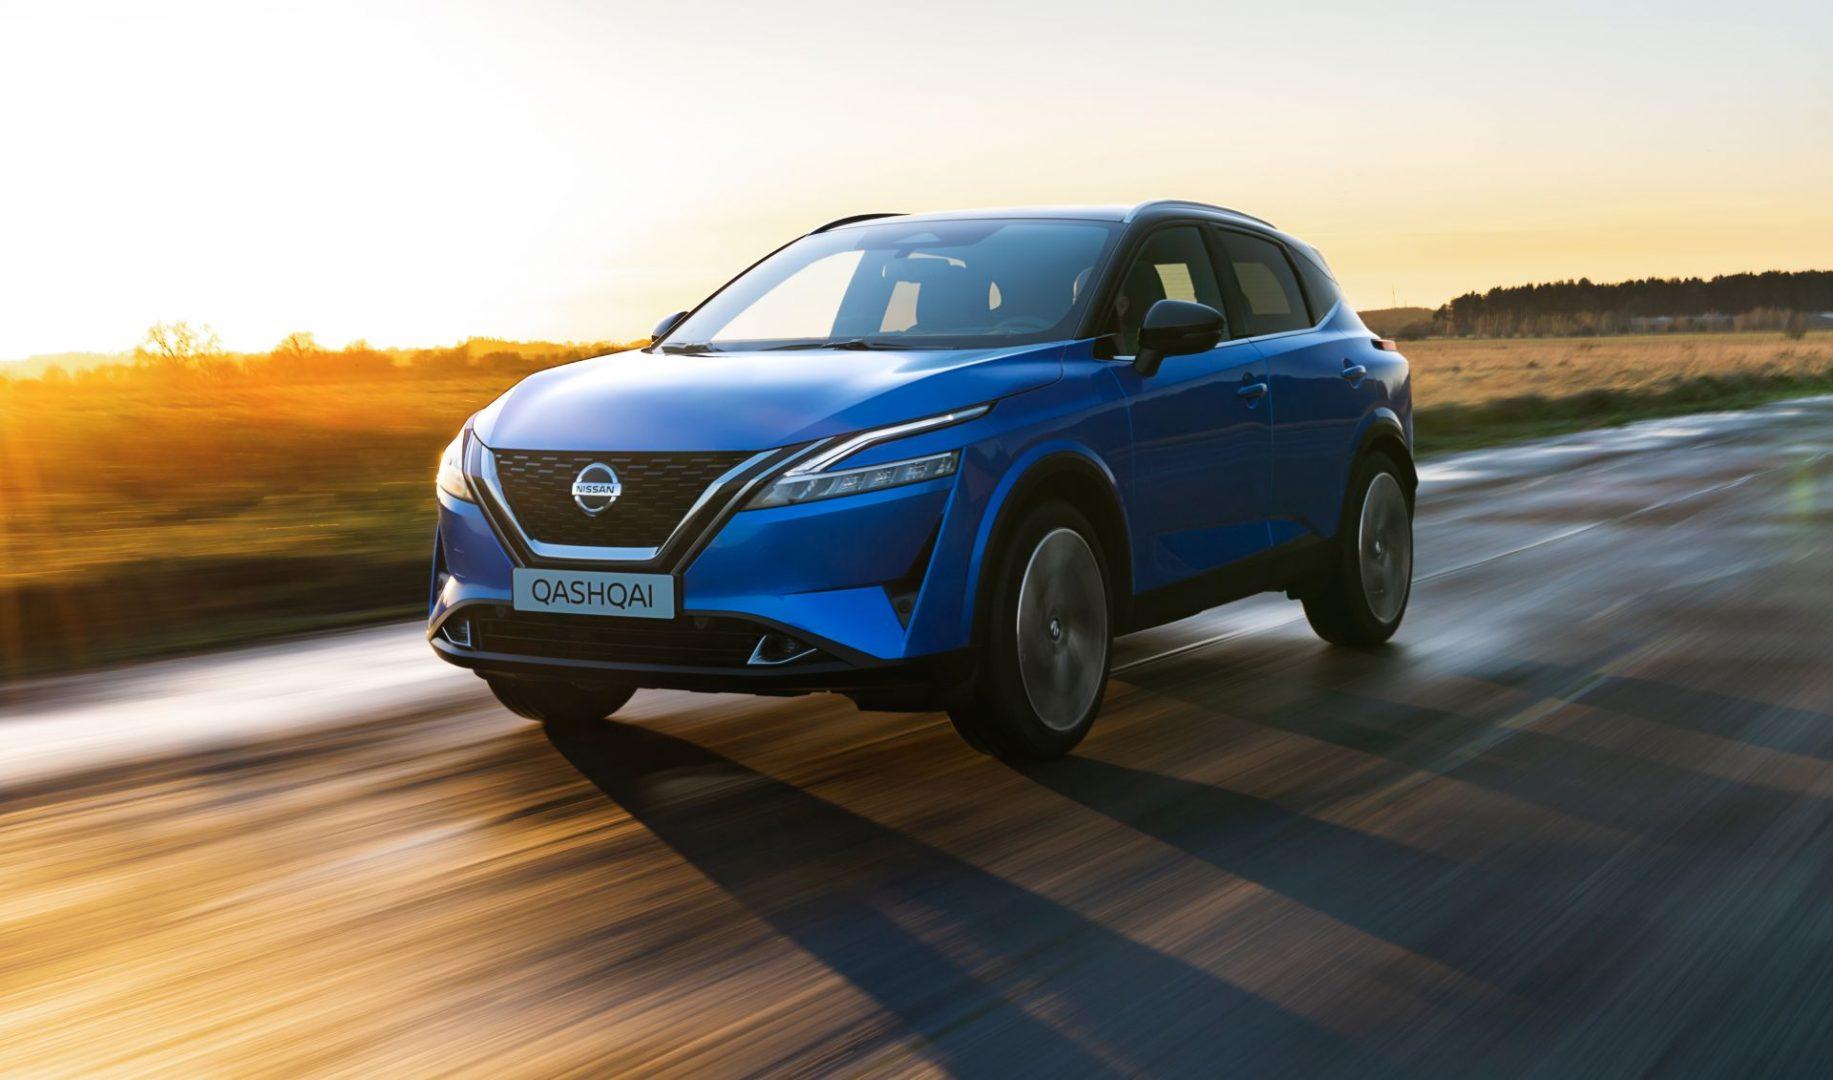 S novim Qashqaijem Nissan u Europi predstavlja laganu aluminijsku tehnologiju